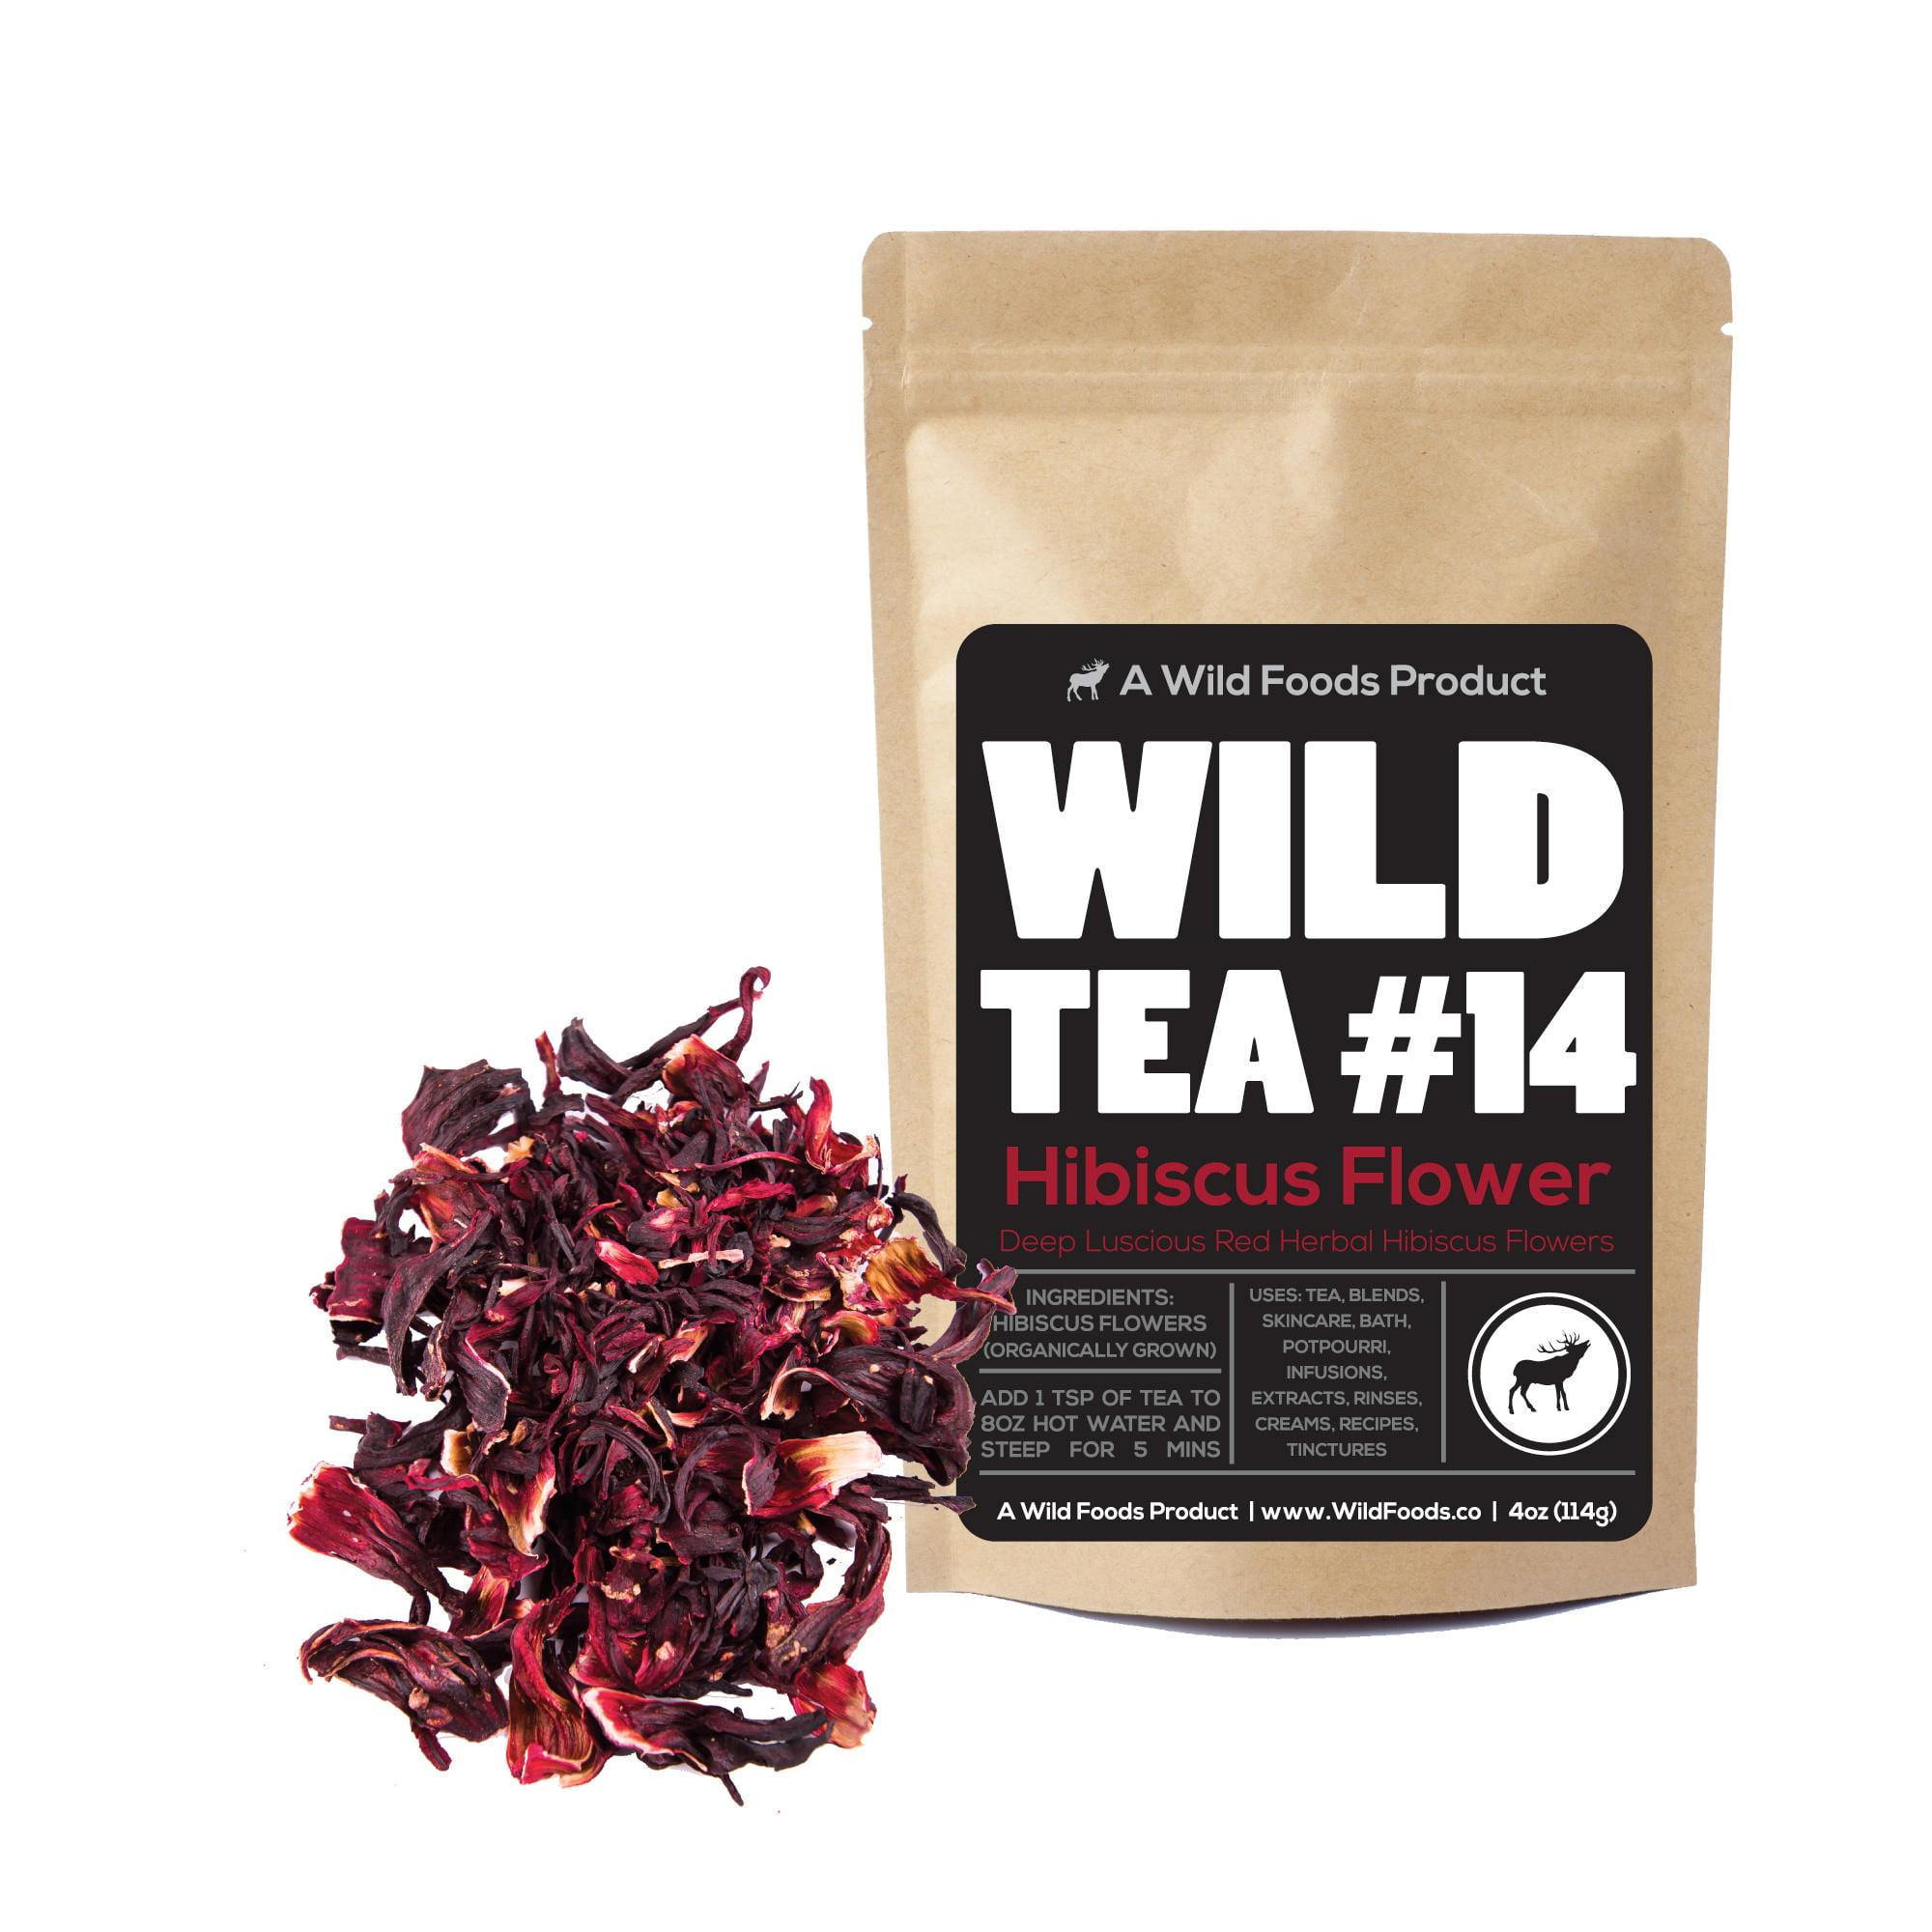 Wild foods wild tea 14 hibiscus flower loose leaf tea 4oz wild foods wild tea 14 hibiscus flower loose leaf tea 4oz walmart izmirmasajfo